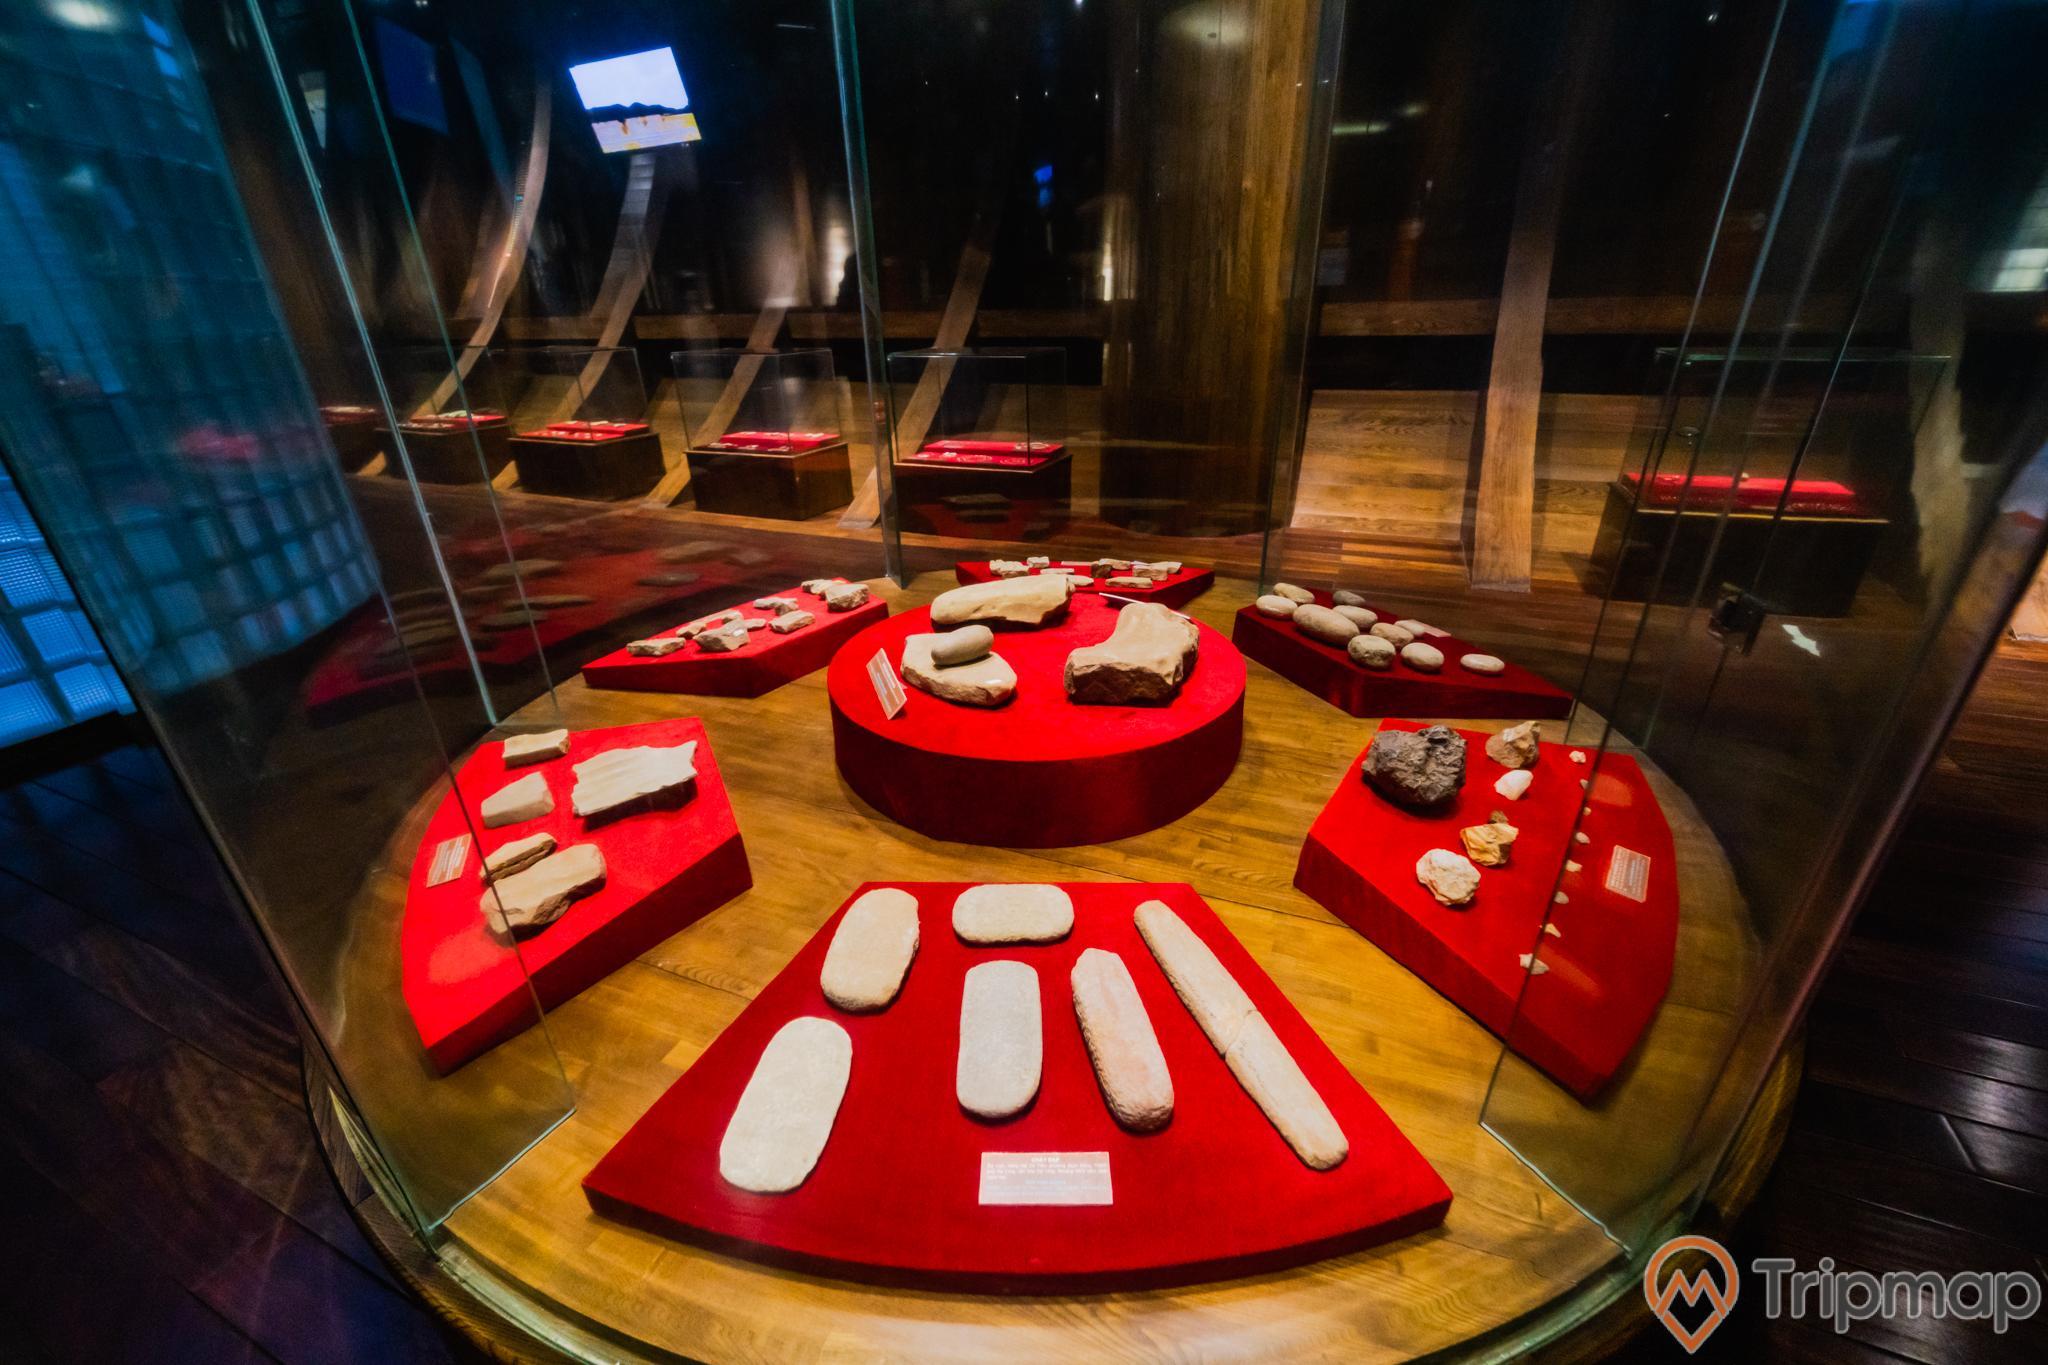 Bảo tàng Quảng Ninh, nơi lưu giữ những giá trị lịch sử, nhiều loại đá được đặt trong tủ kính, tấm gỗ to bên dưới những viên đá